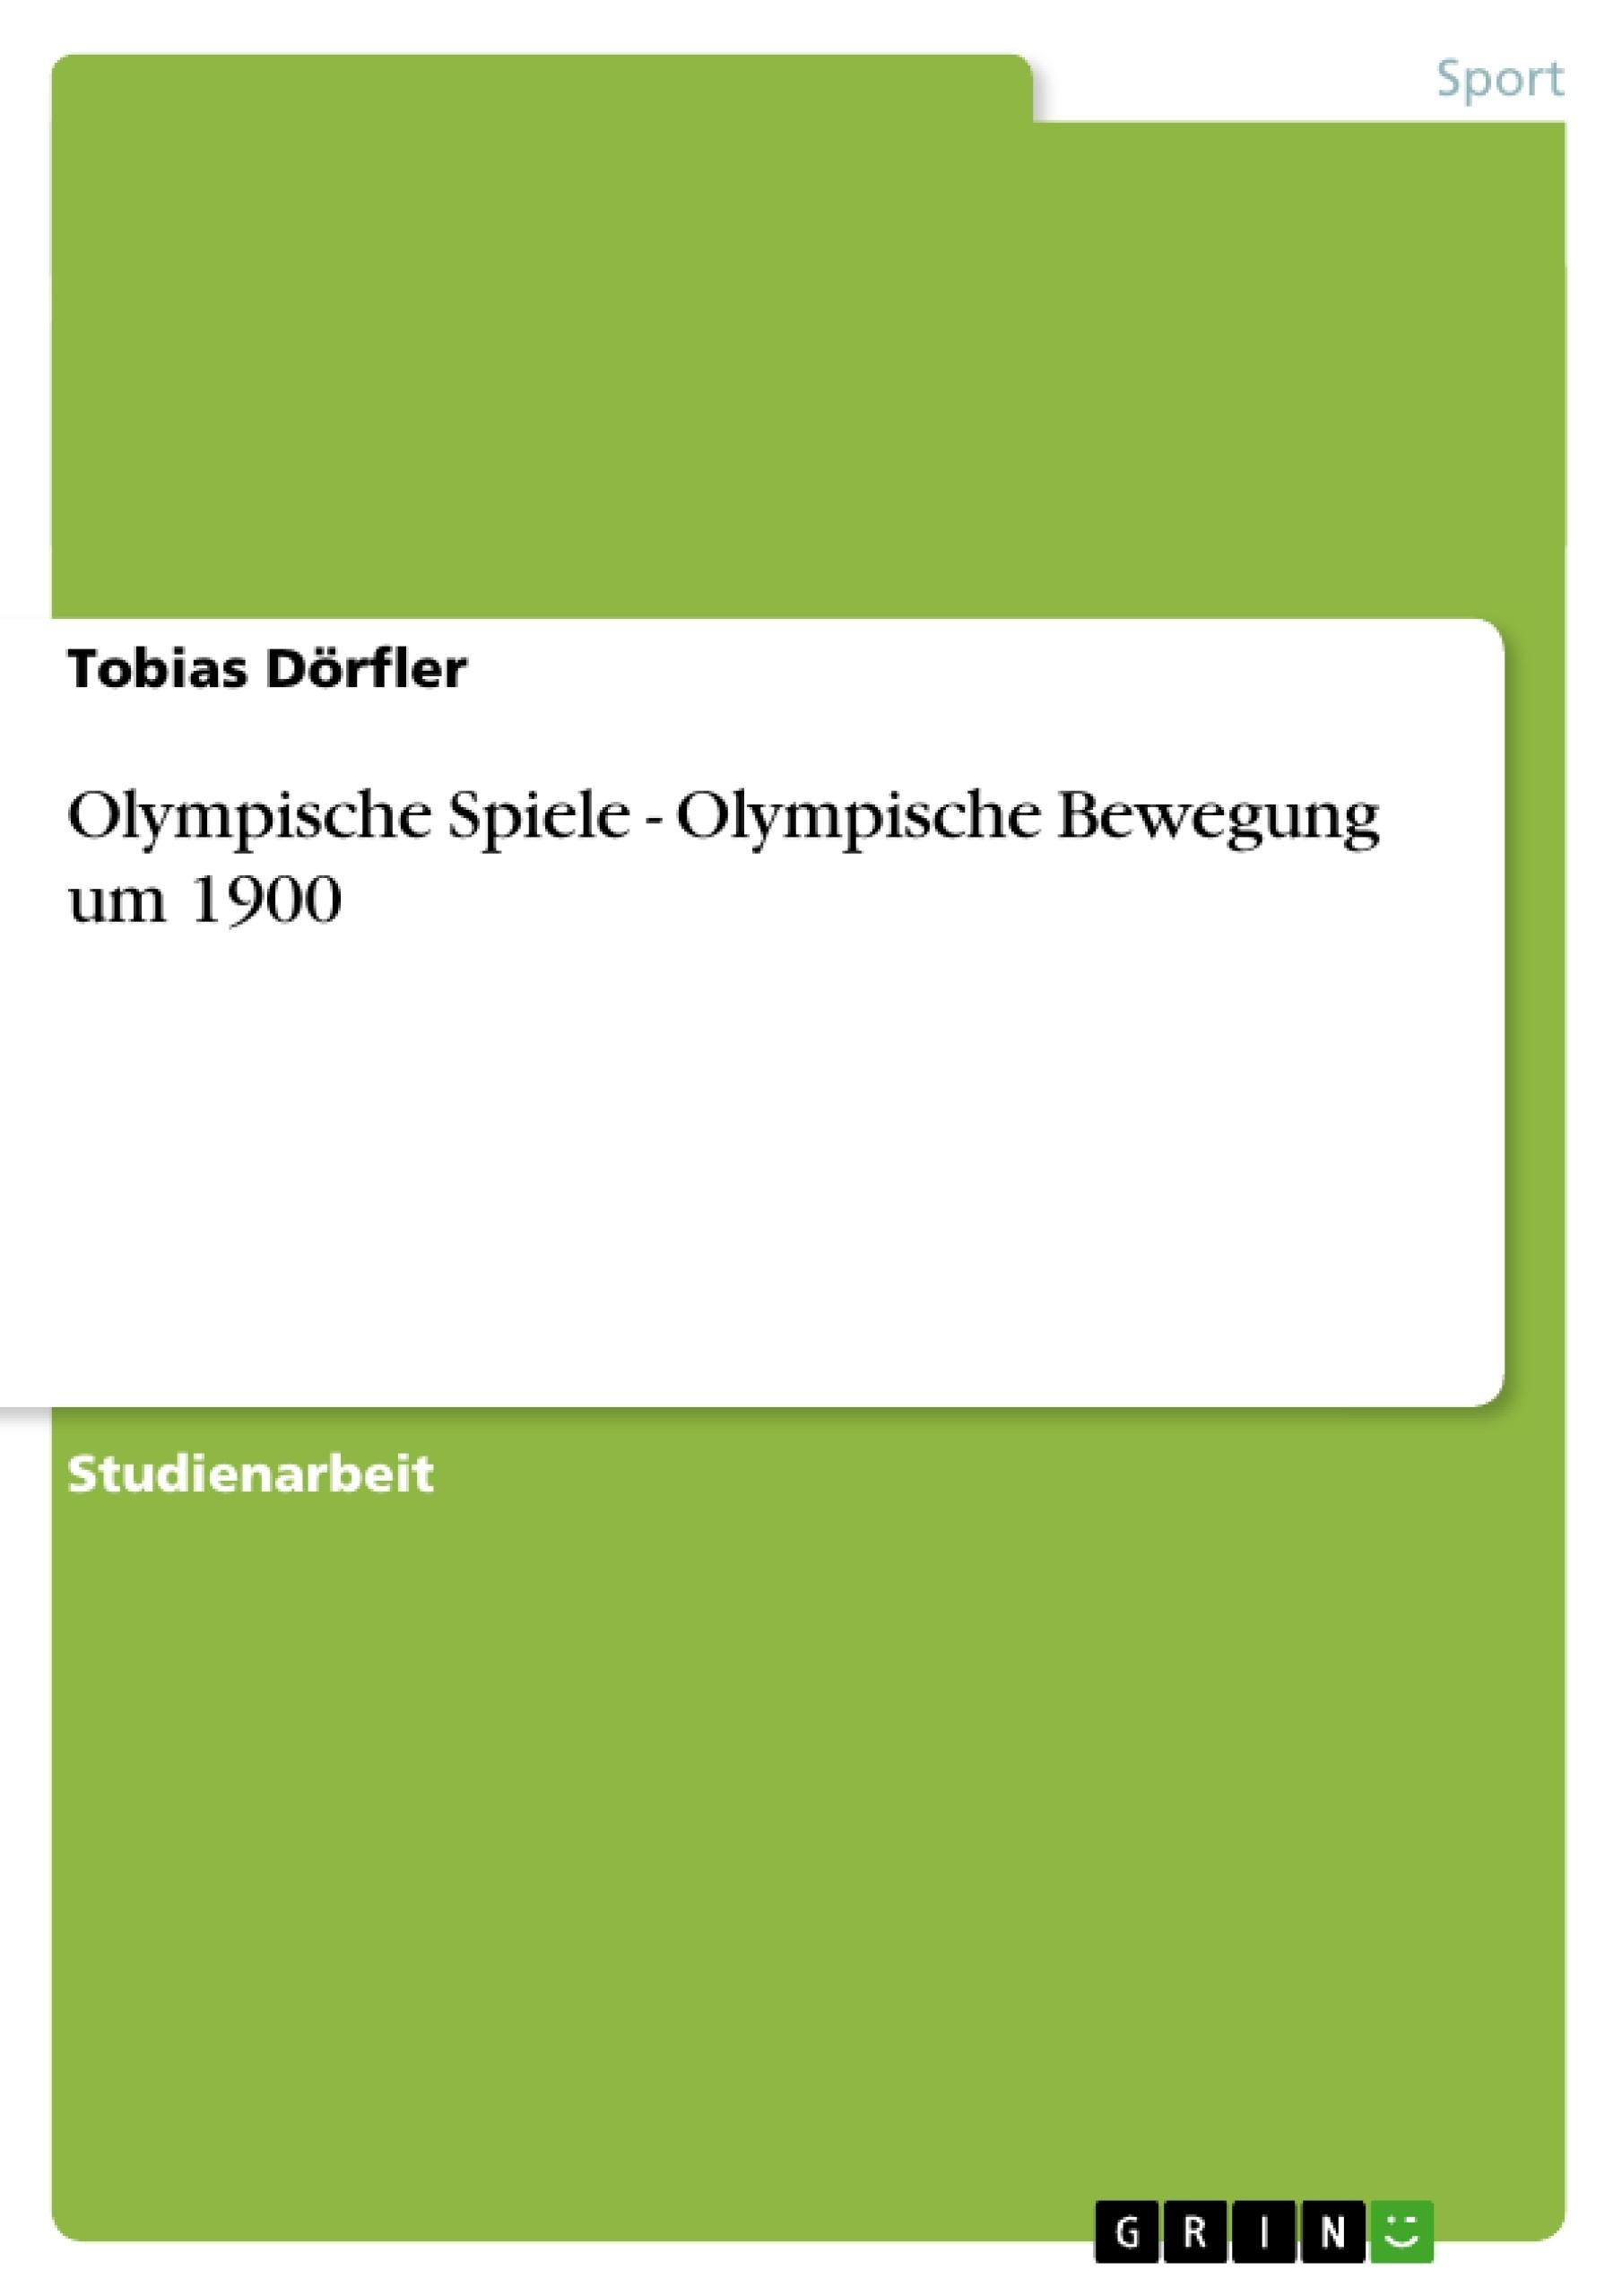 Titel: Olympische Spiele - Olympische Bewegung um 1900